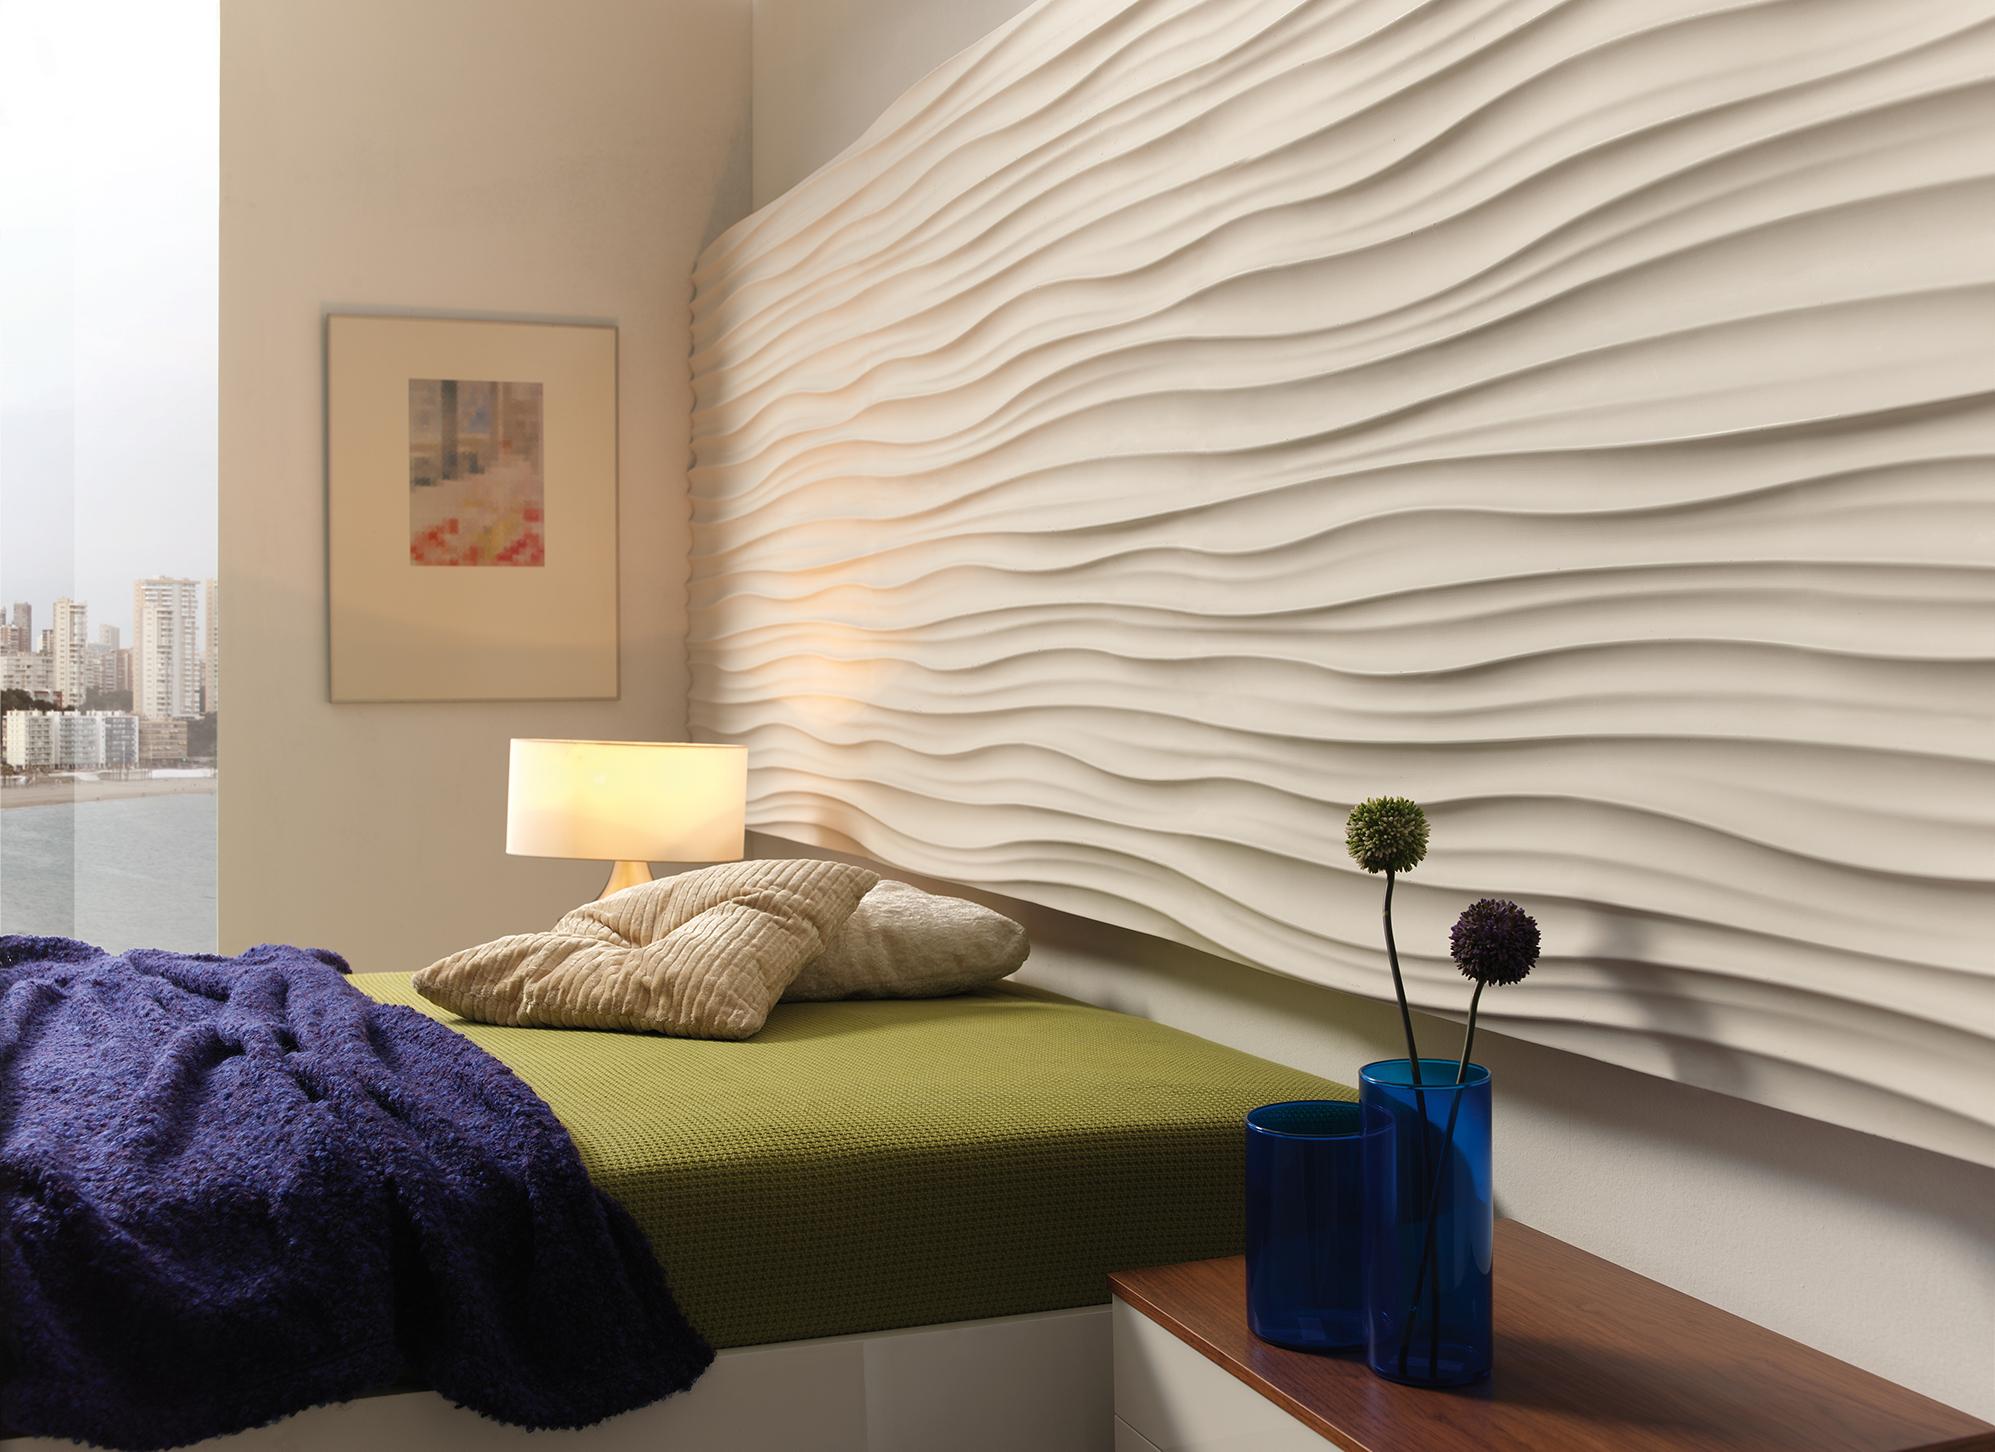 steinoptik onlineshop | wandverkleidung modern - lifestyle, Schlafzimmer entwurf